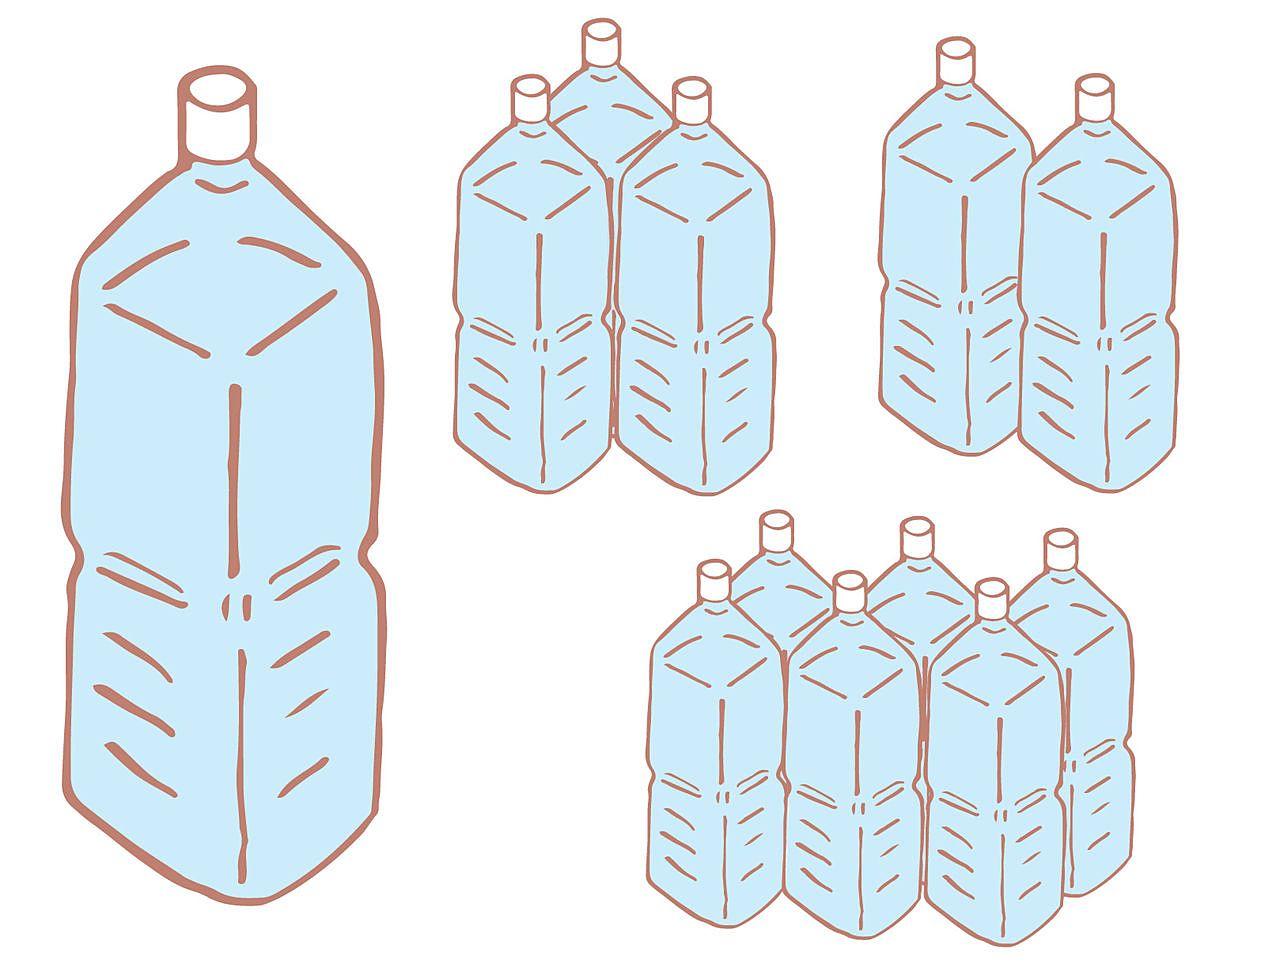 『飲料水』は直接飲むものと料理に使うもの合わせて最低1人1日2l必要です